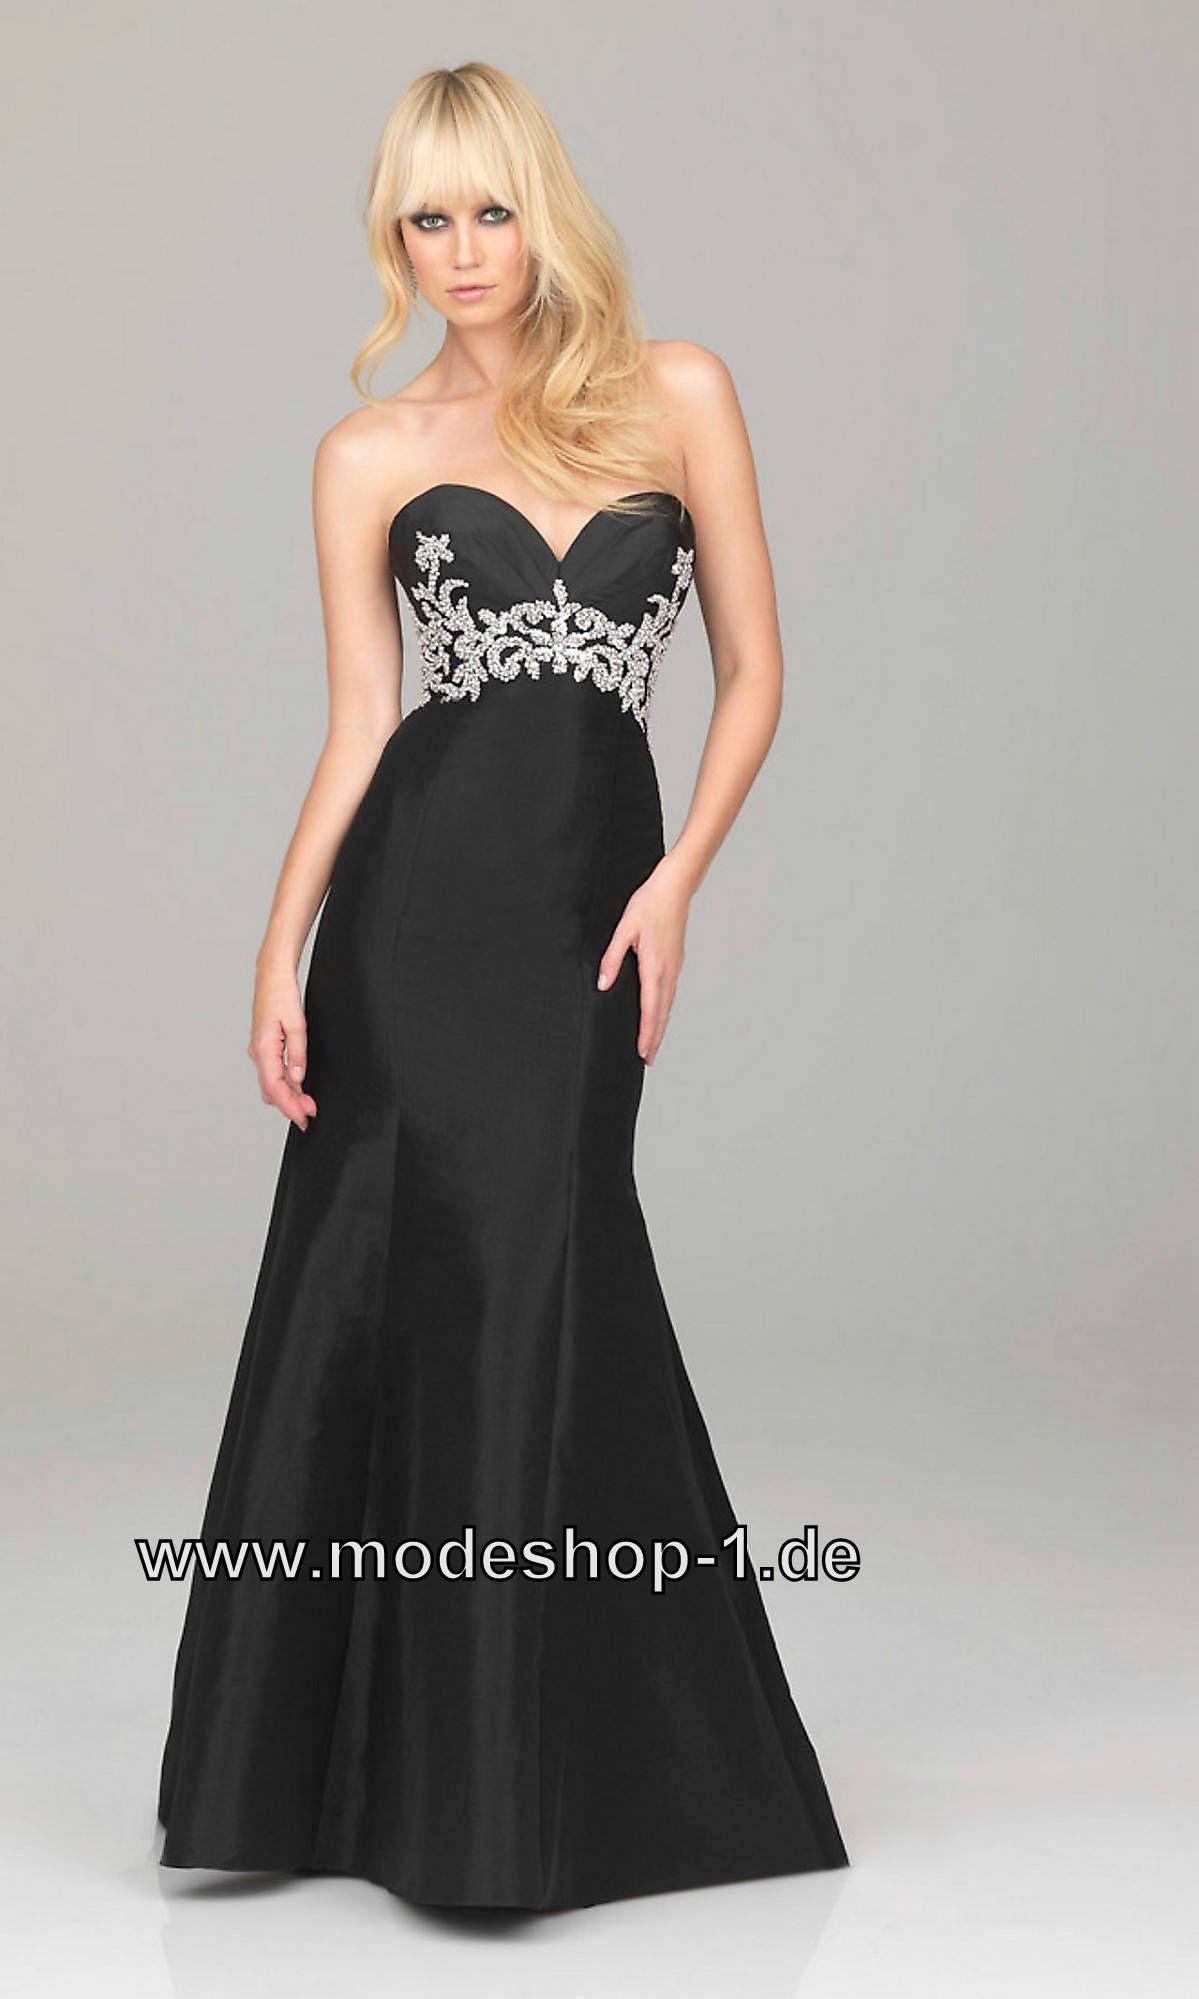 10 Ausgezeichnet Abendkleid Lang Schwarz Glitzer Ärmel13 Einzigartig Abendkleid Lang Schwarz Glitzer Bester Preis